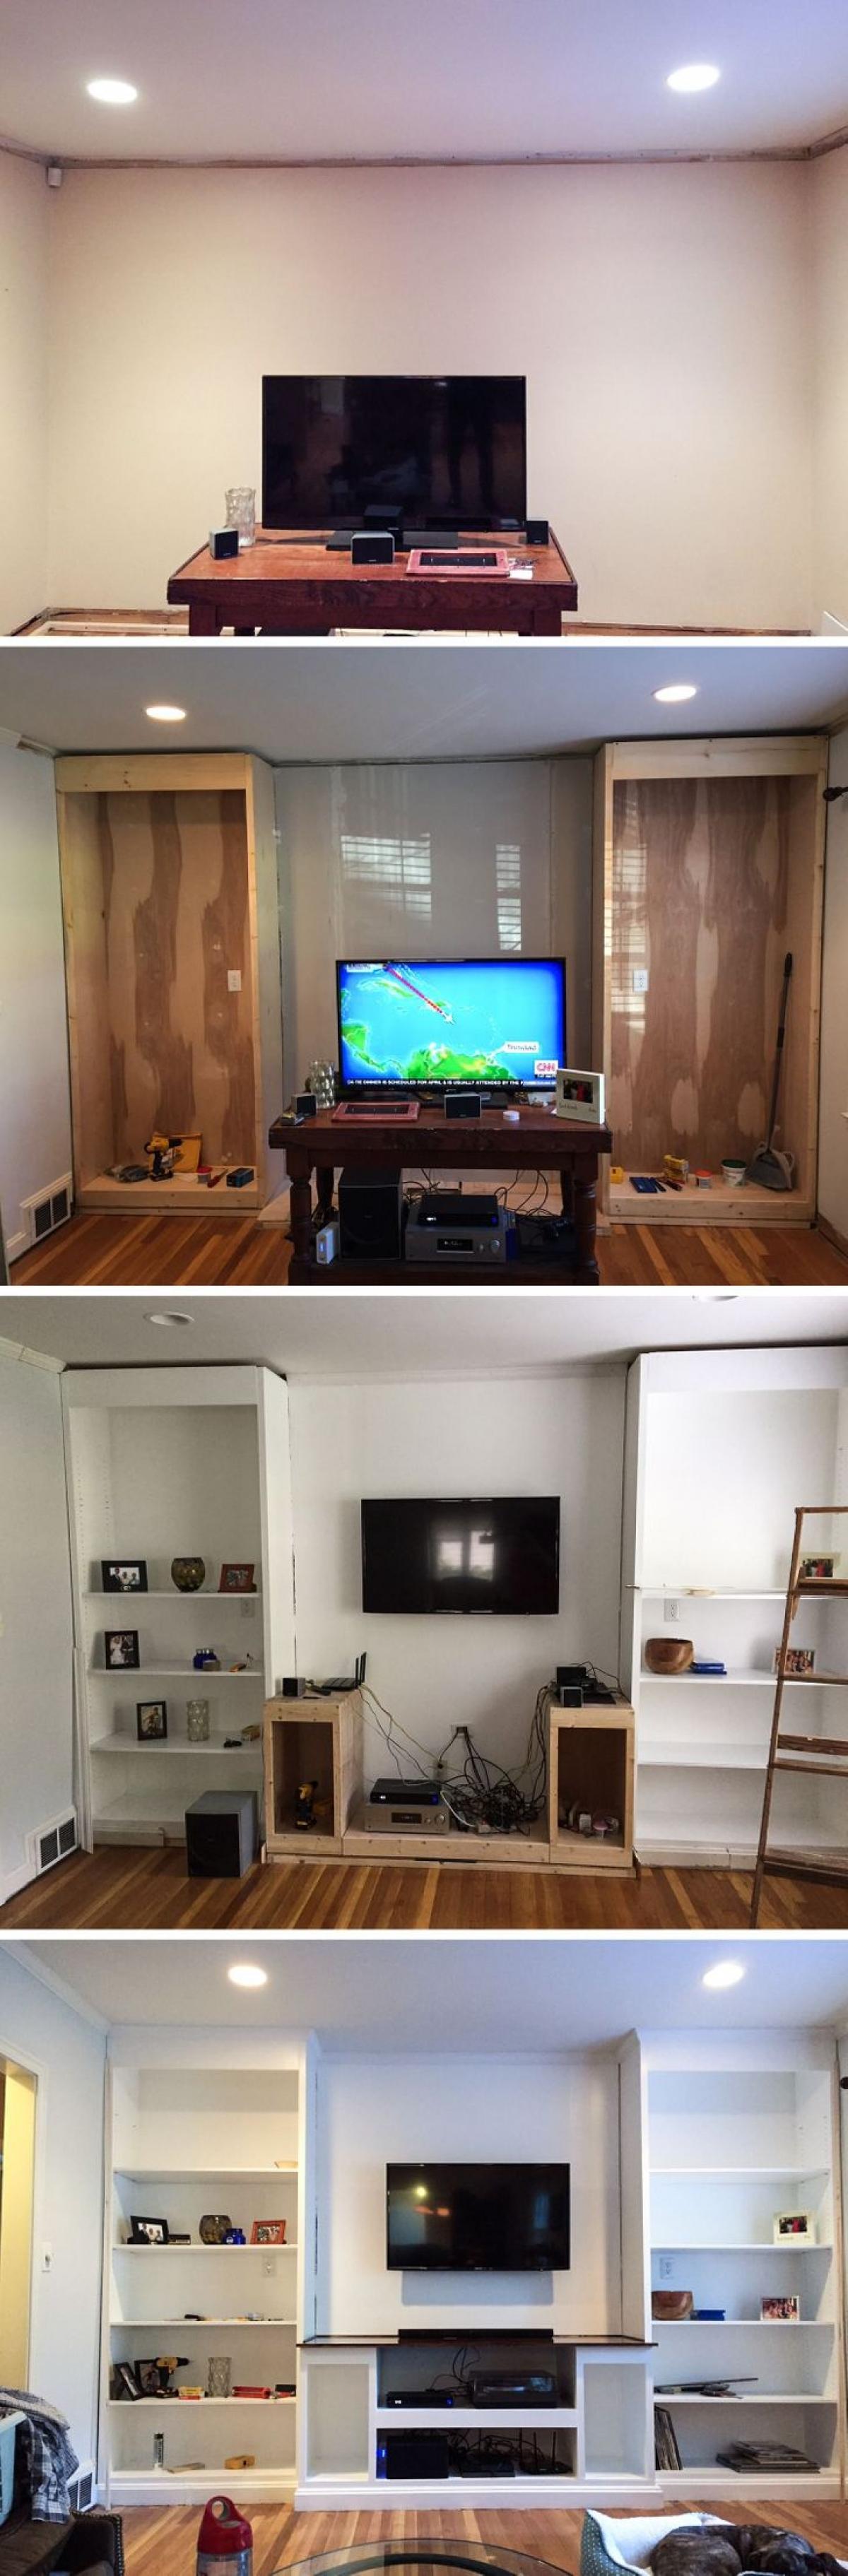 Những cách đơn giản để biến ngôi nhà nhàm chán thành không gian đáng sống./.